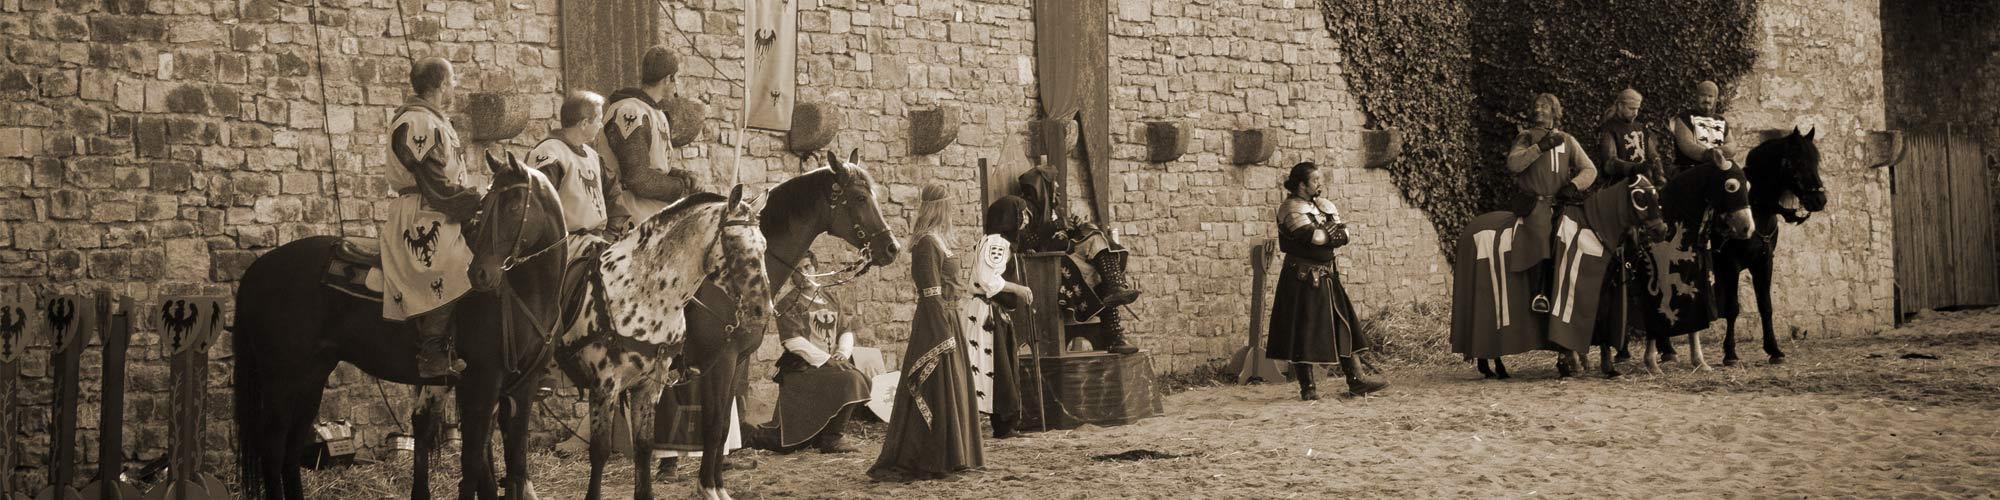 Großer Mittelaltermarkt zu Illingen